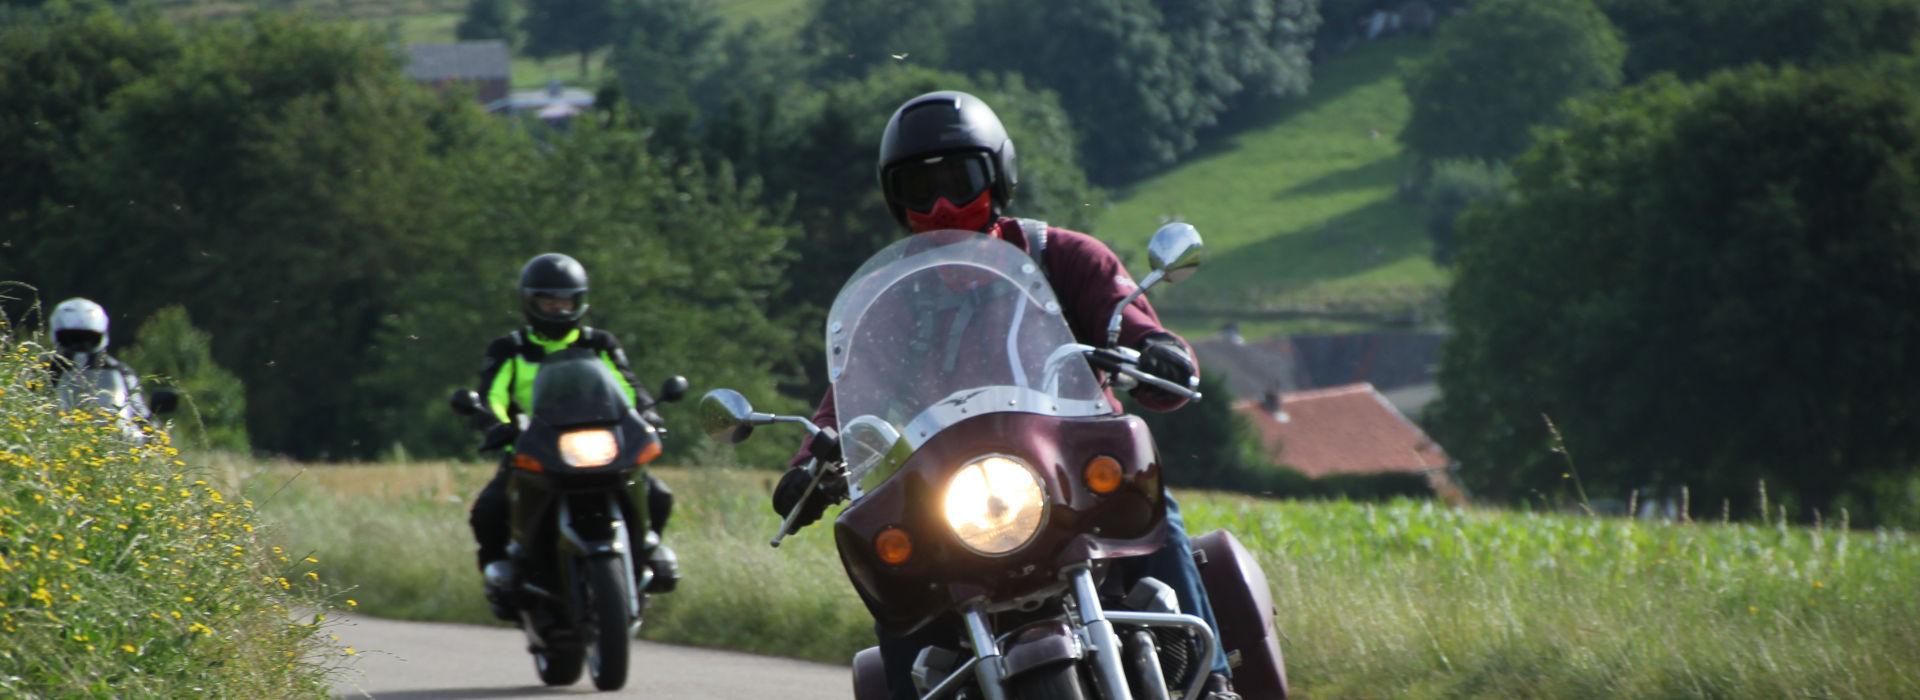 Motorrijbewijspoint Zwolle motorrijlessen